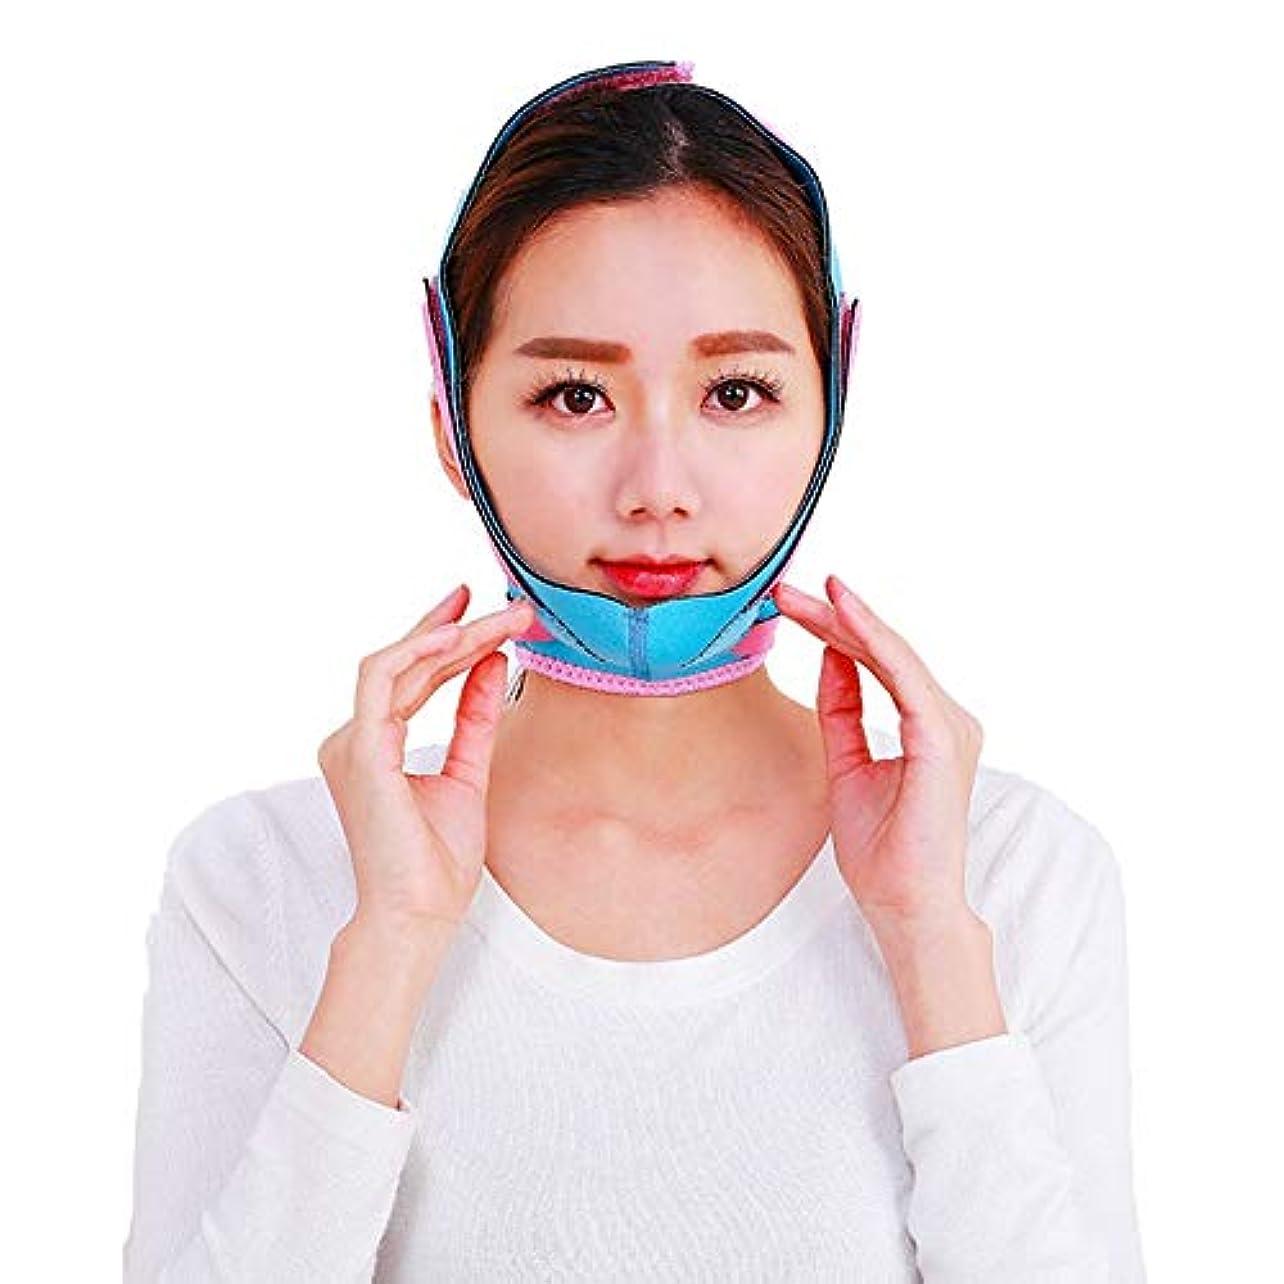 新しさ心理的ハロウィンGYZ フェイシャルリフティング痩身ベルトシンフェイス包帯アンチエイジングシワフリーフェイシャルマッサージ整形マスクダブルチンワークアウト Thin Face Belt